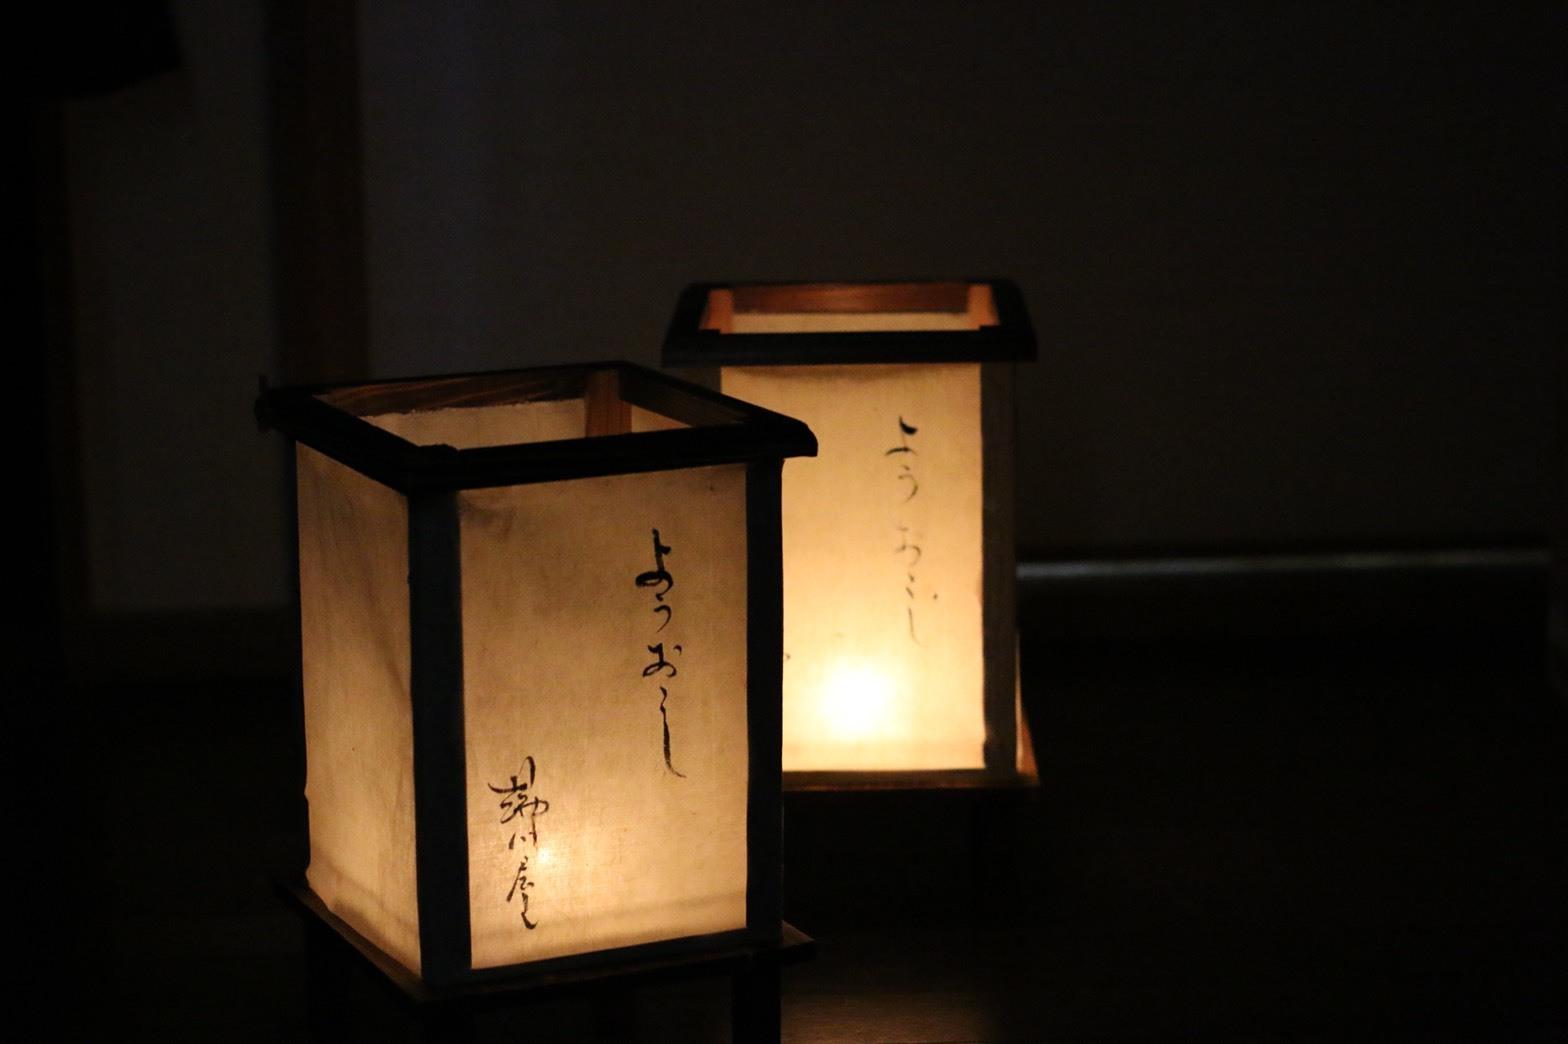 湯川屋 灯篭をつくってみました!_e0154524_15245747.jpg